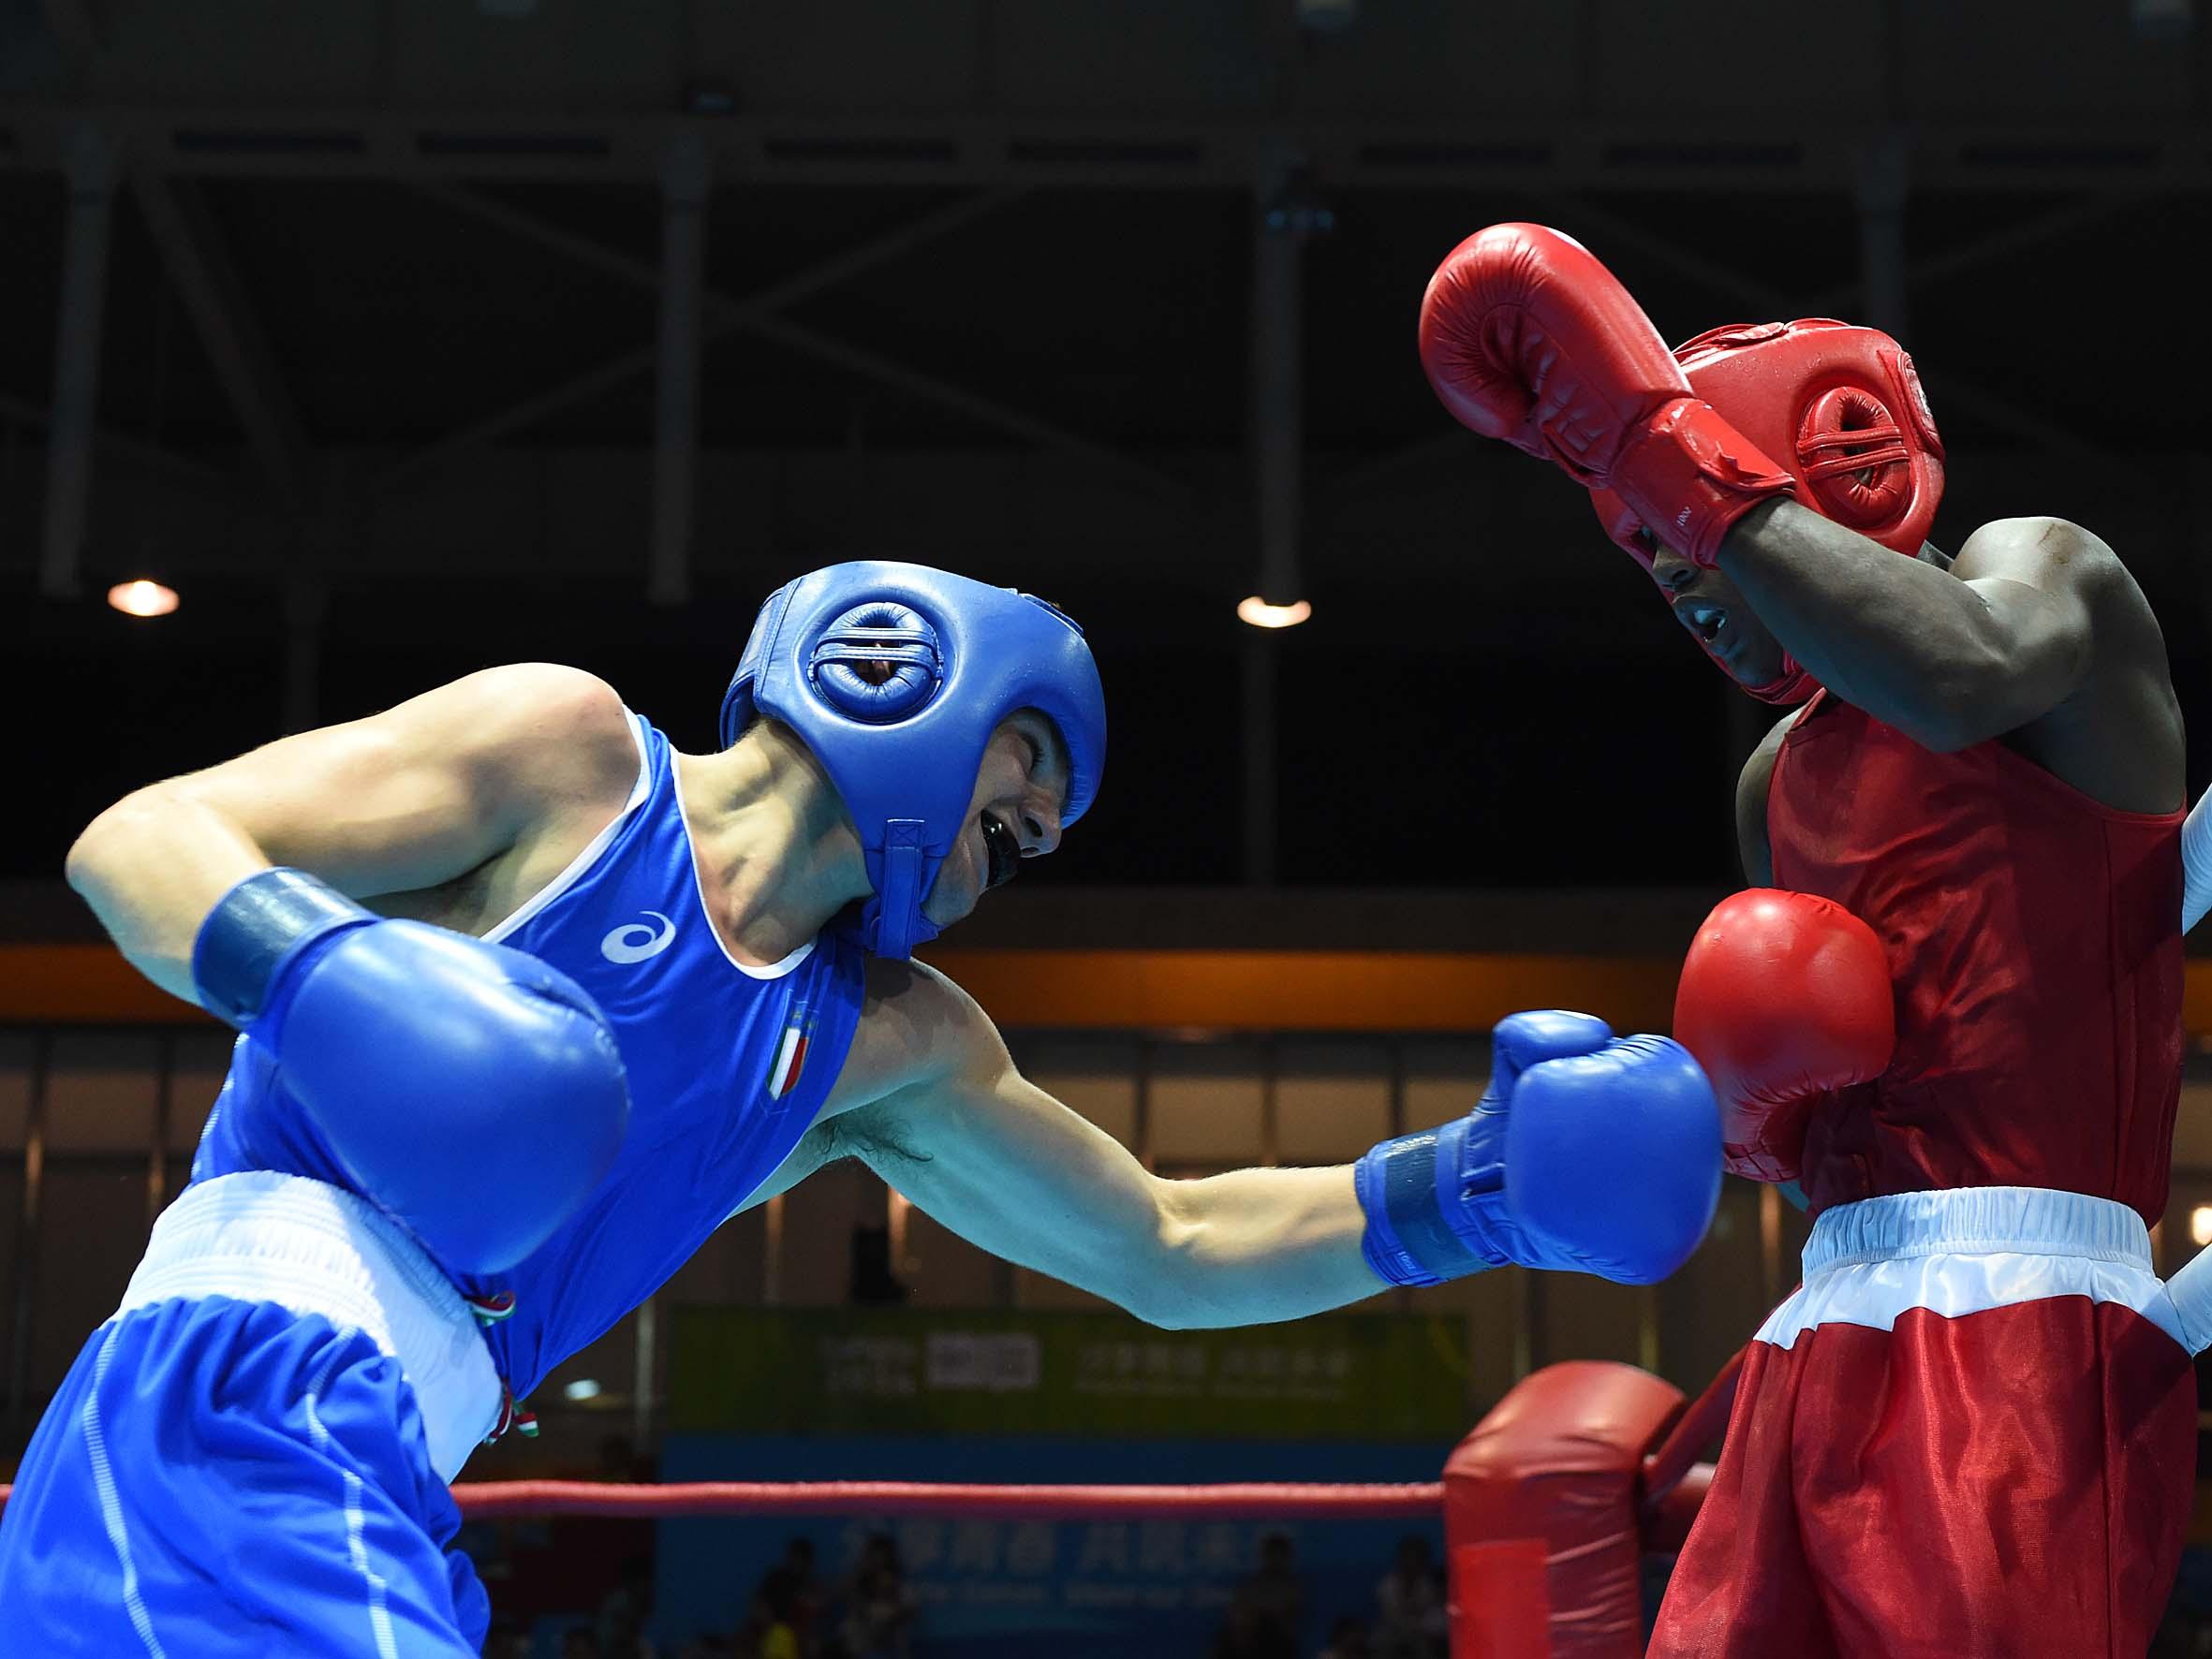 L'A.S.D. Sauli Boxe organizza i Campionati Italiani Elite, fase Abruzzo-Molise